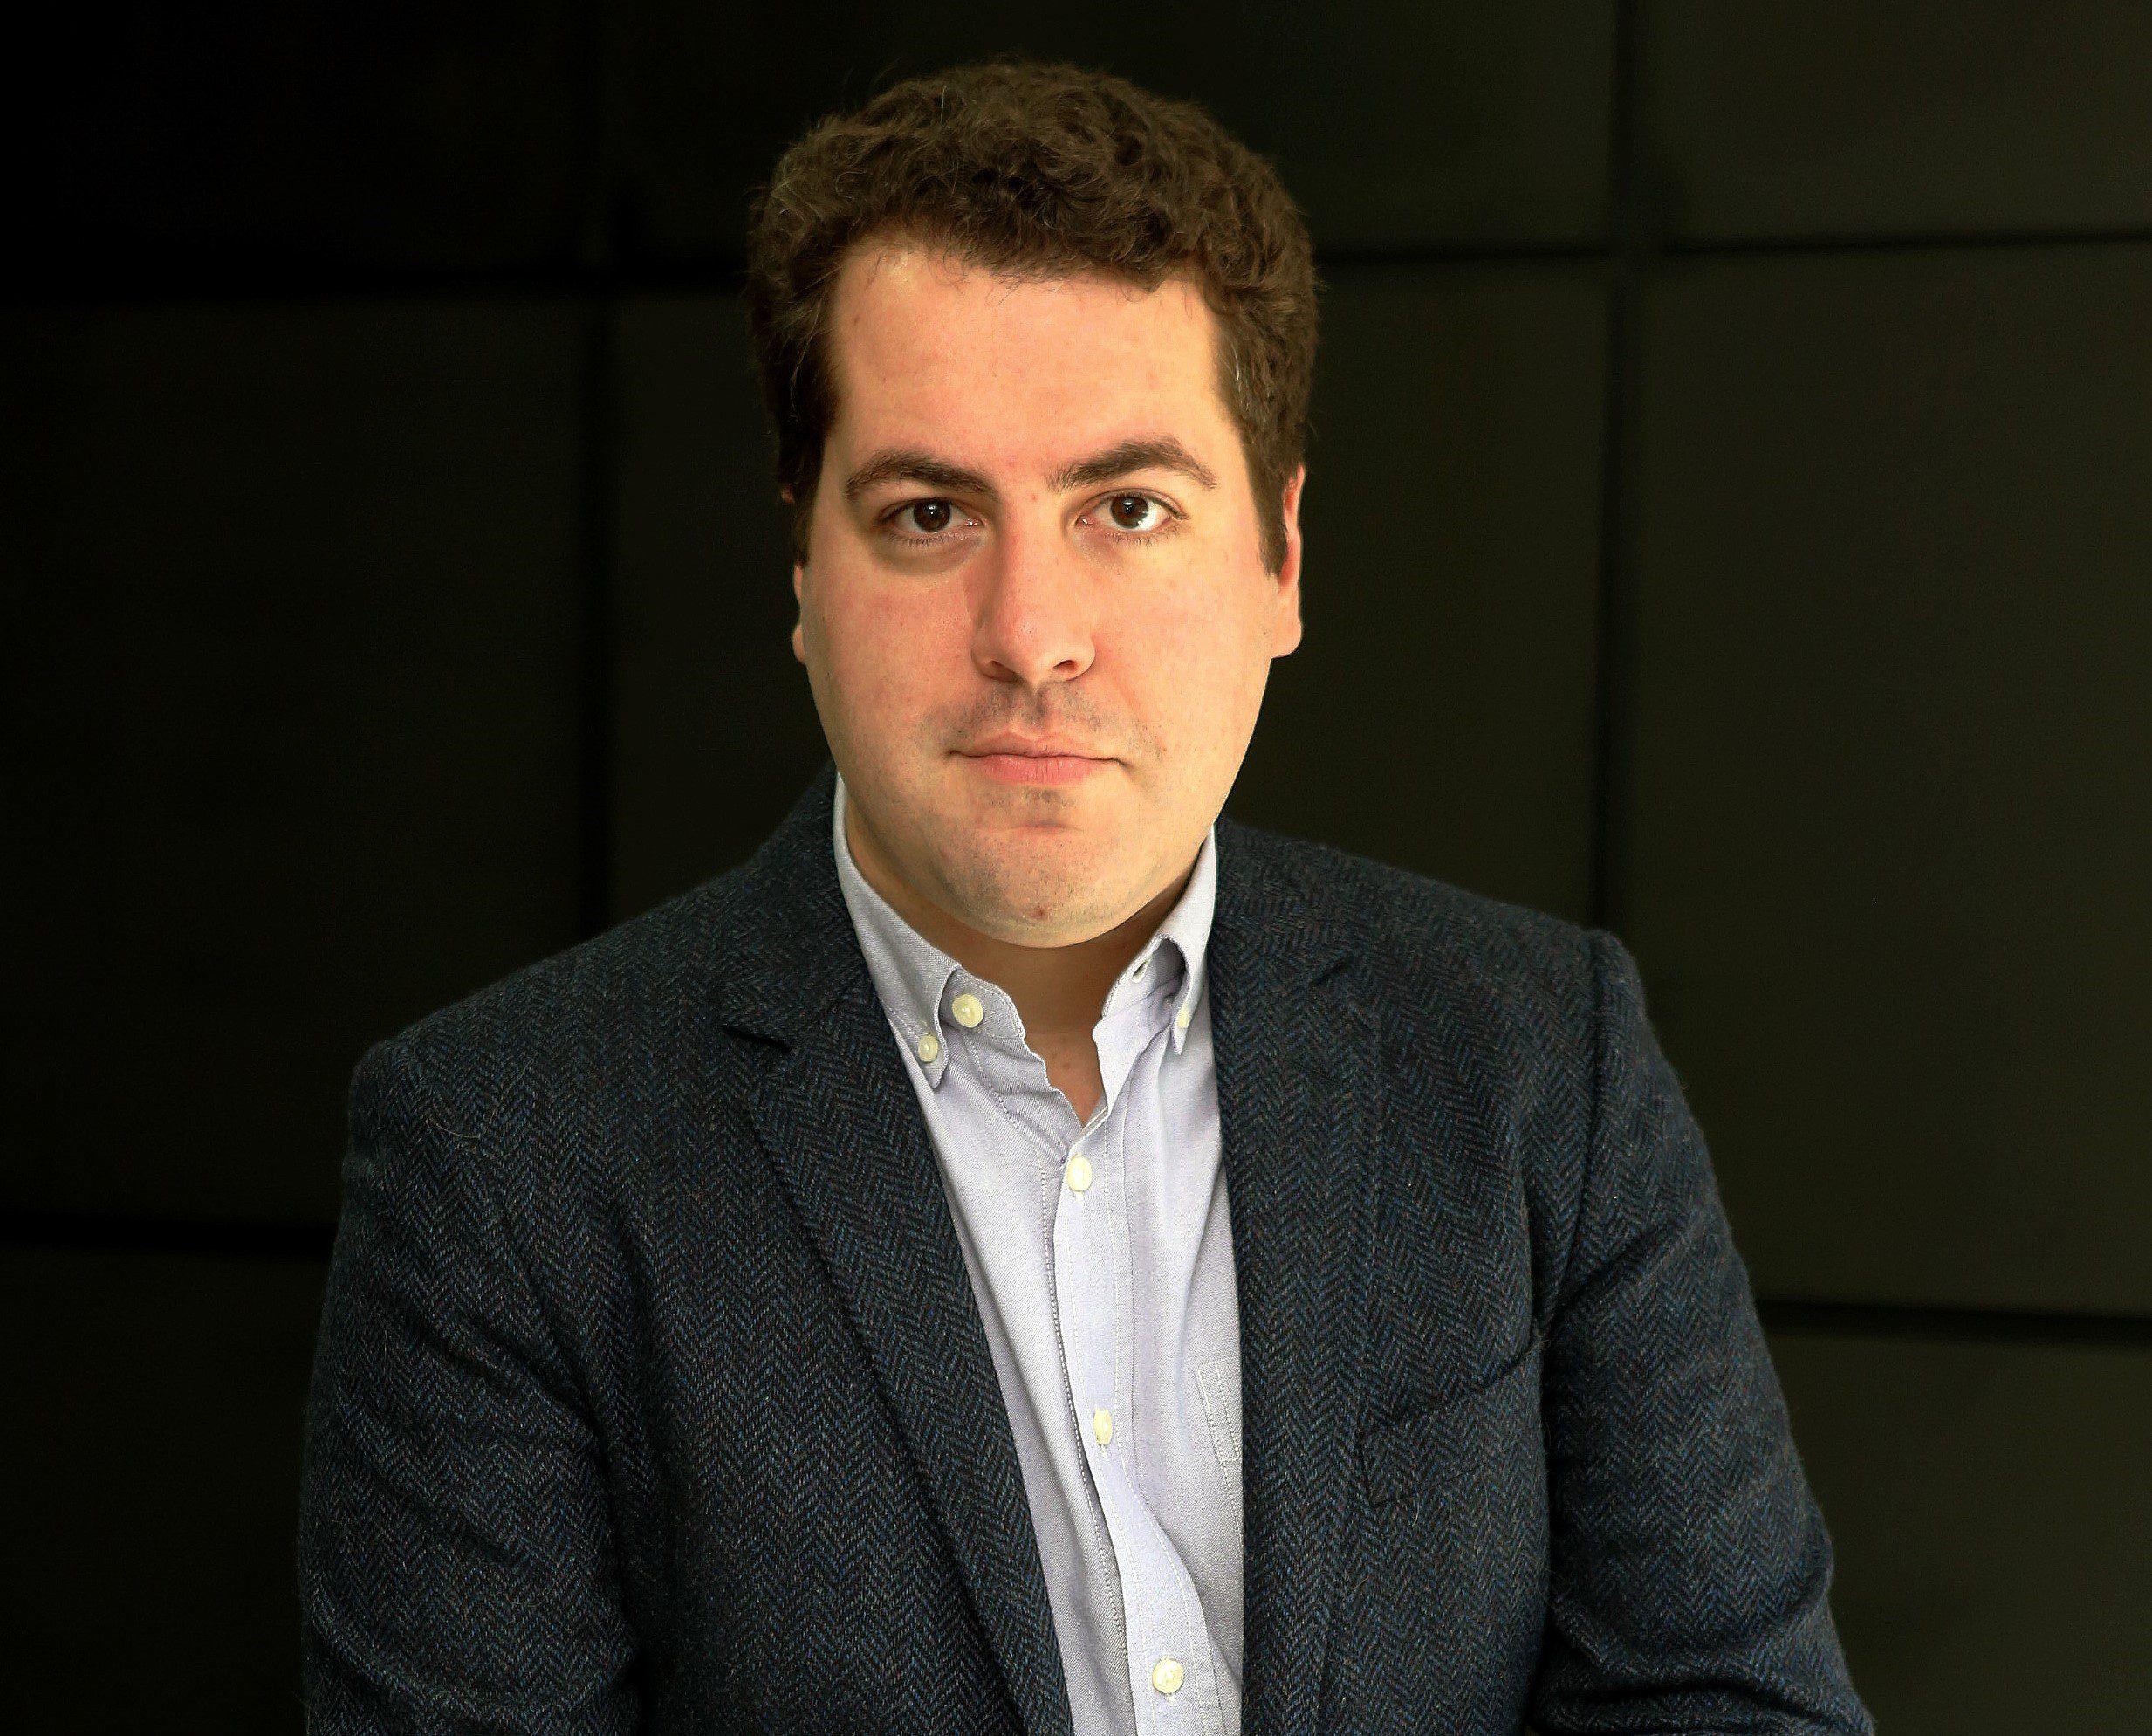 Ricardo Taveira